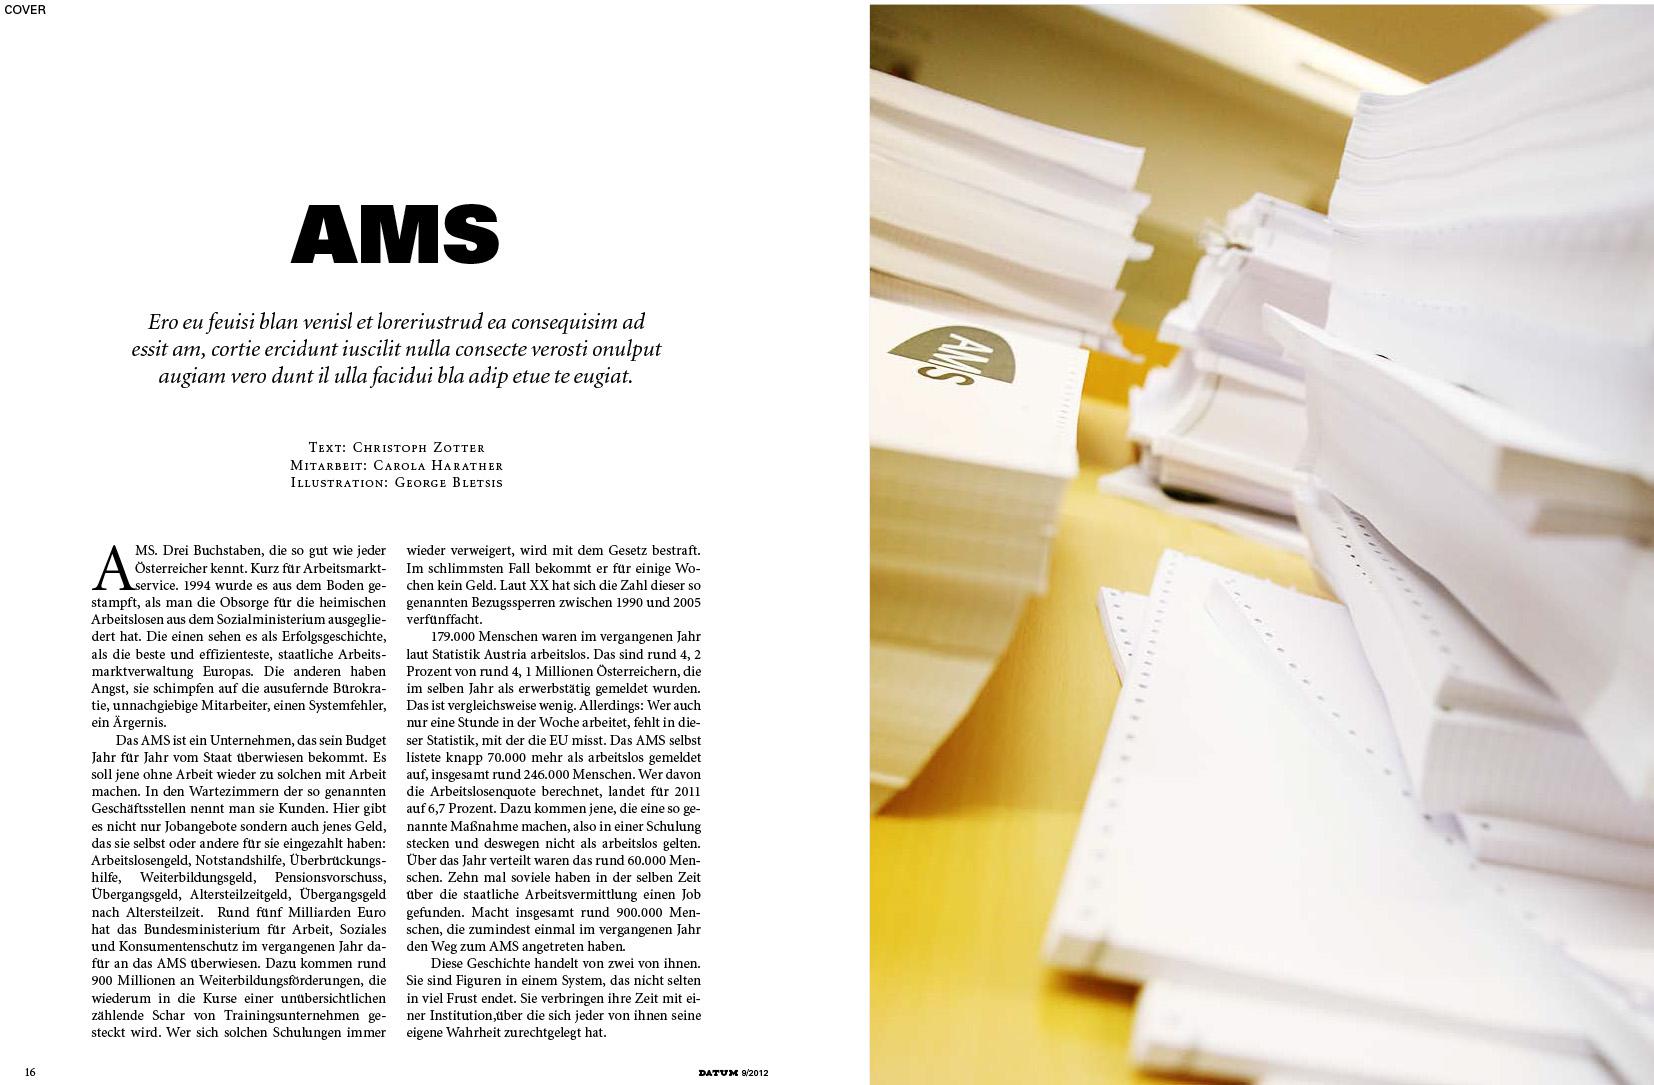 AMS-1.jpg